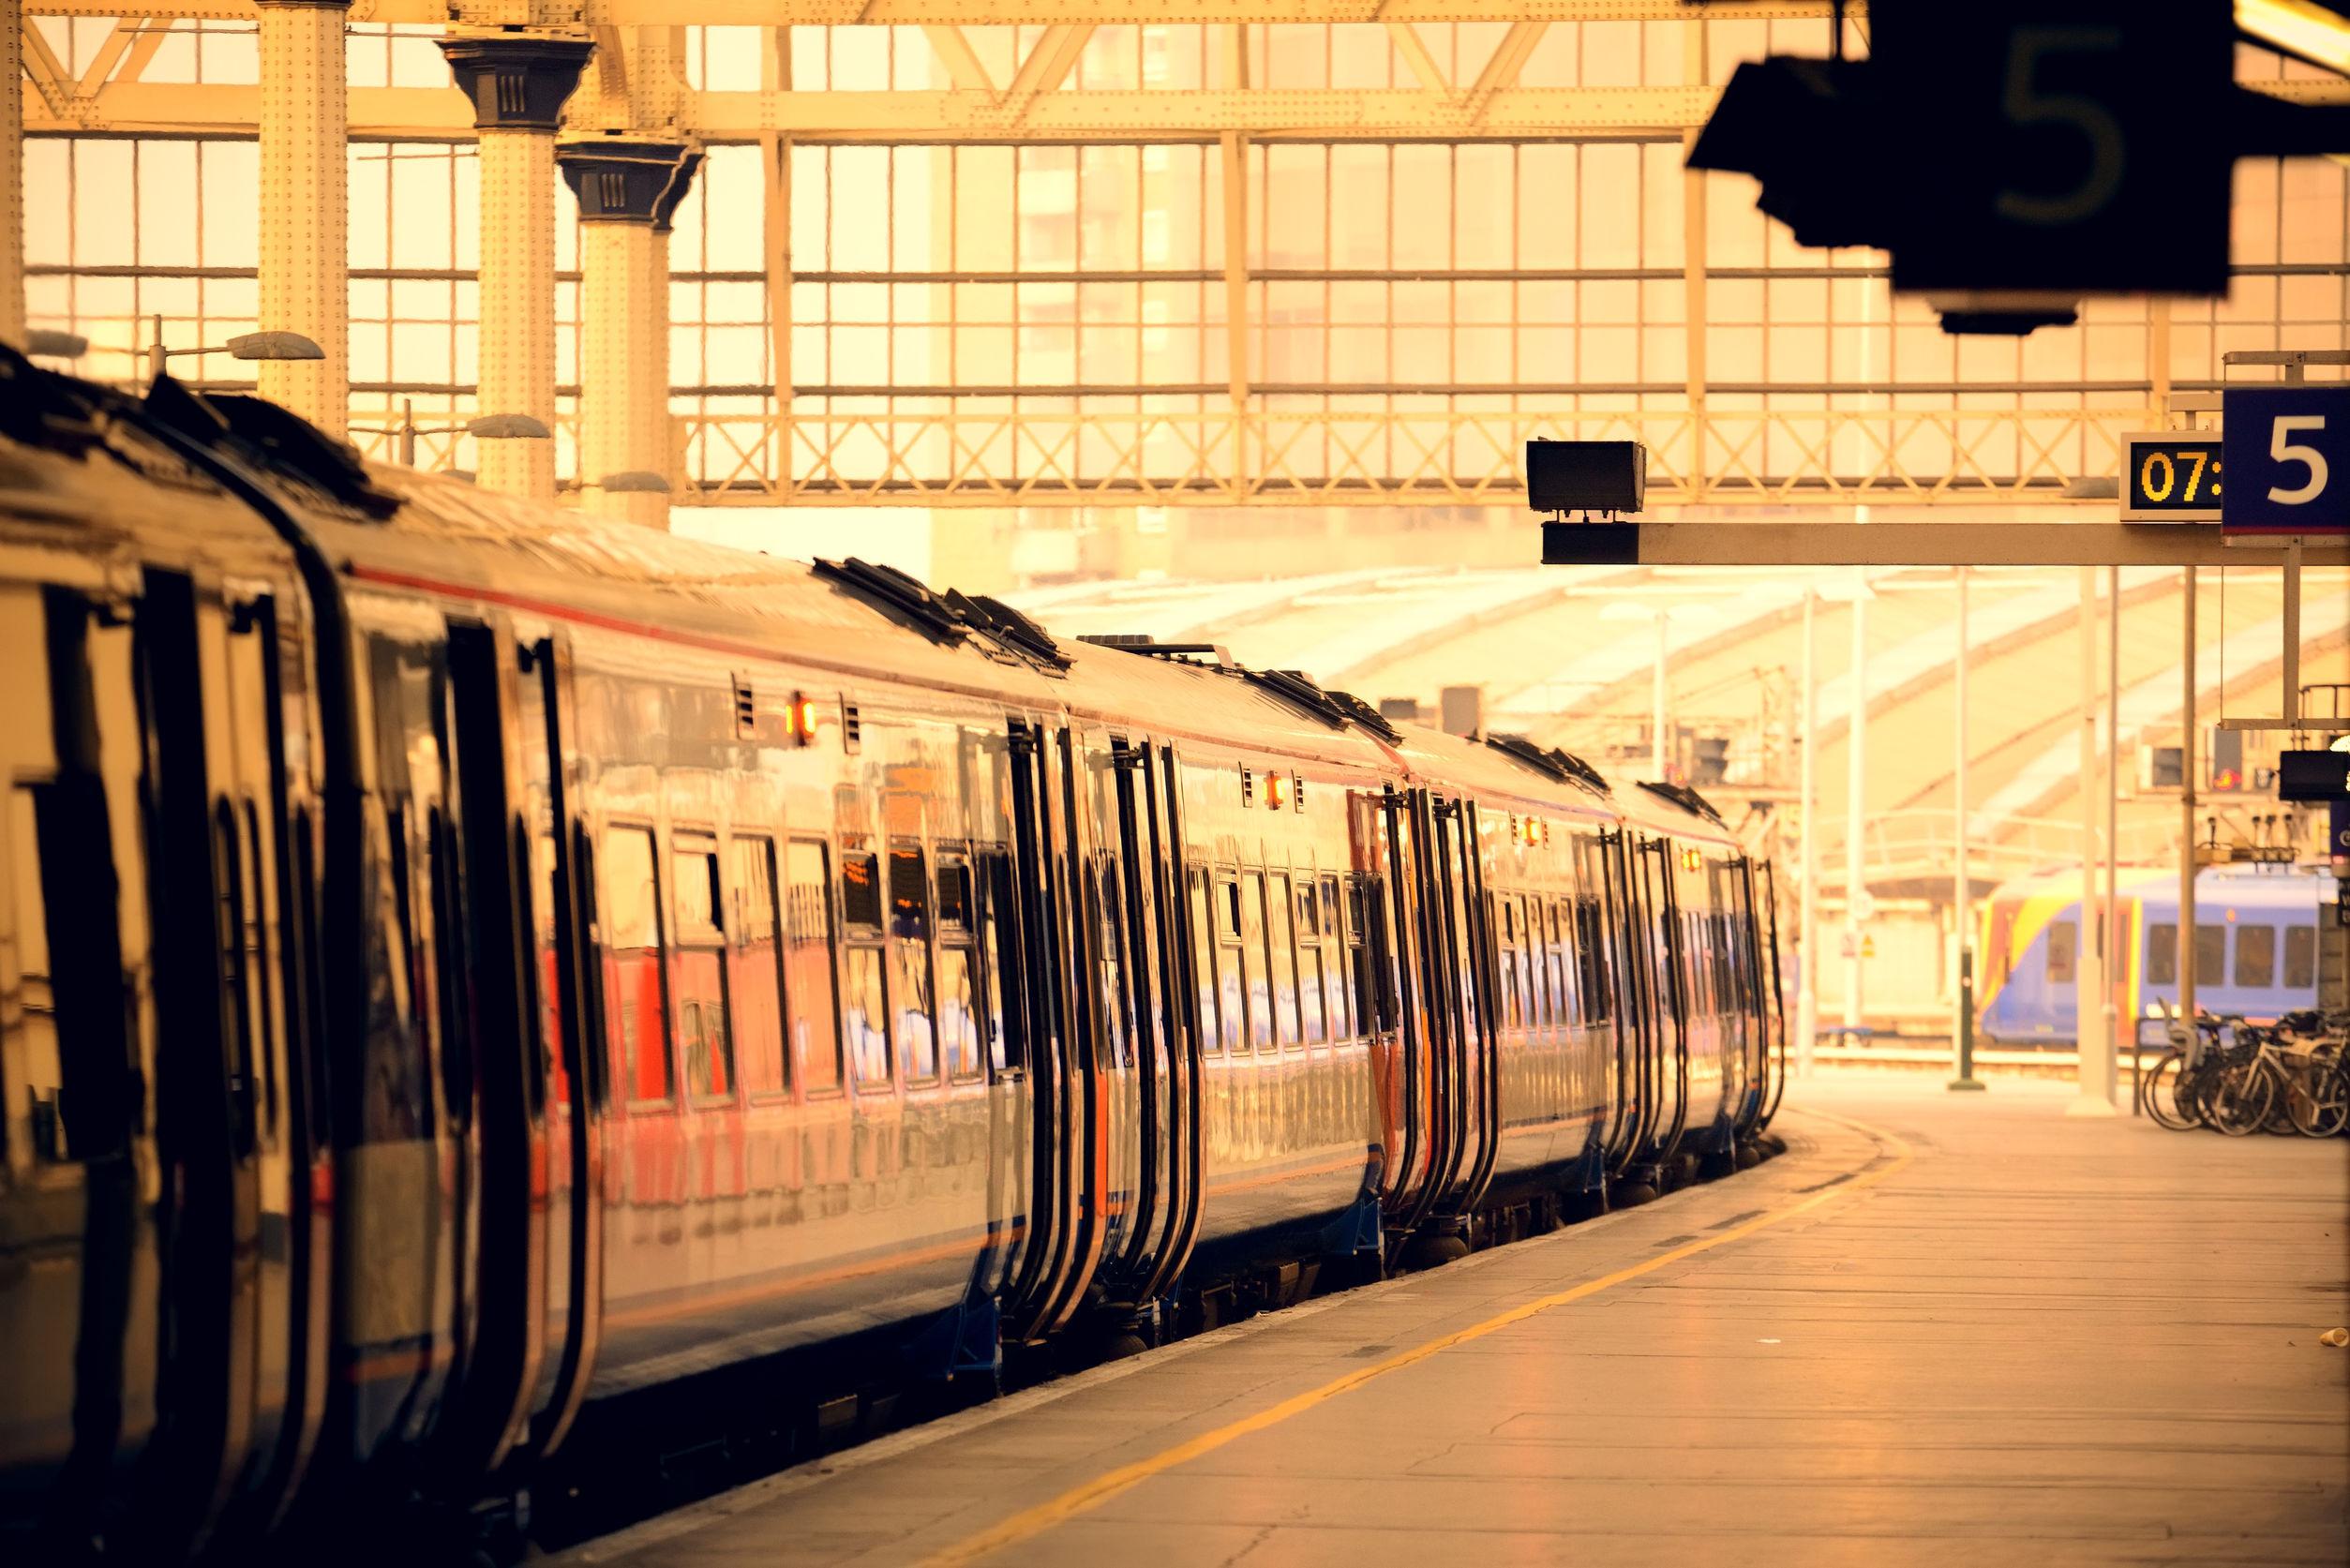 Patru răniţi şi sute de persoane evacuate, după deraierea unui tren în Londra